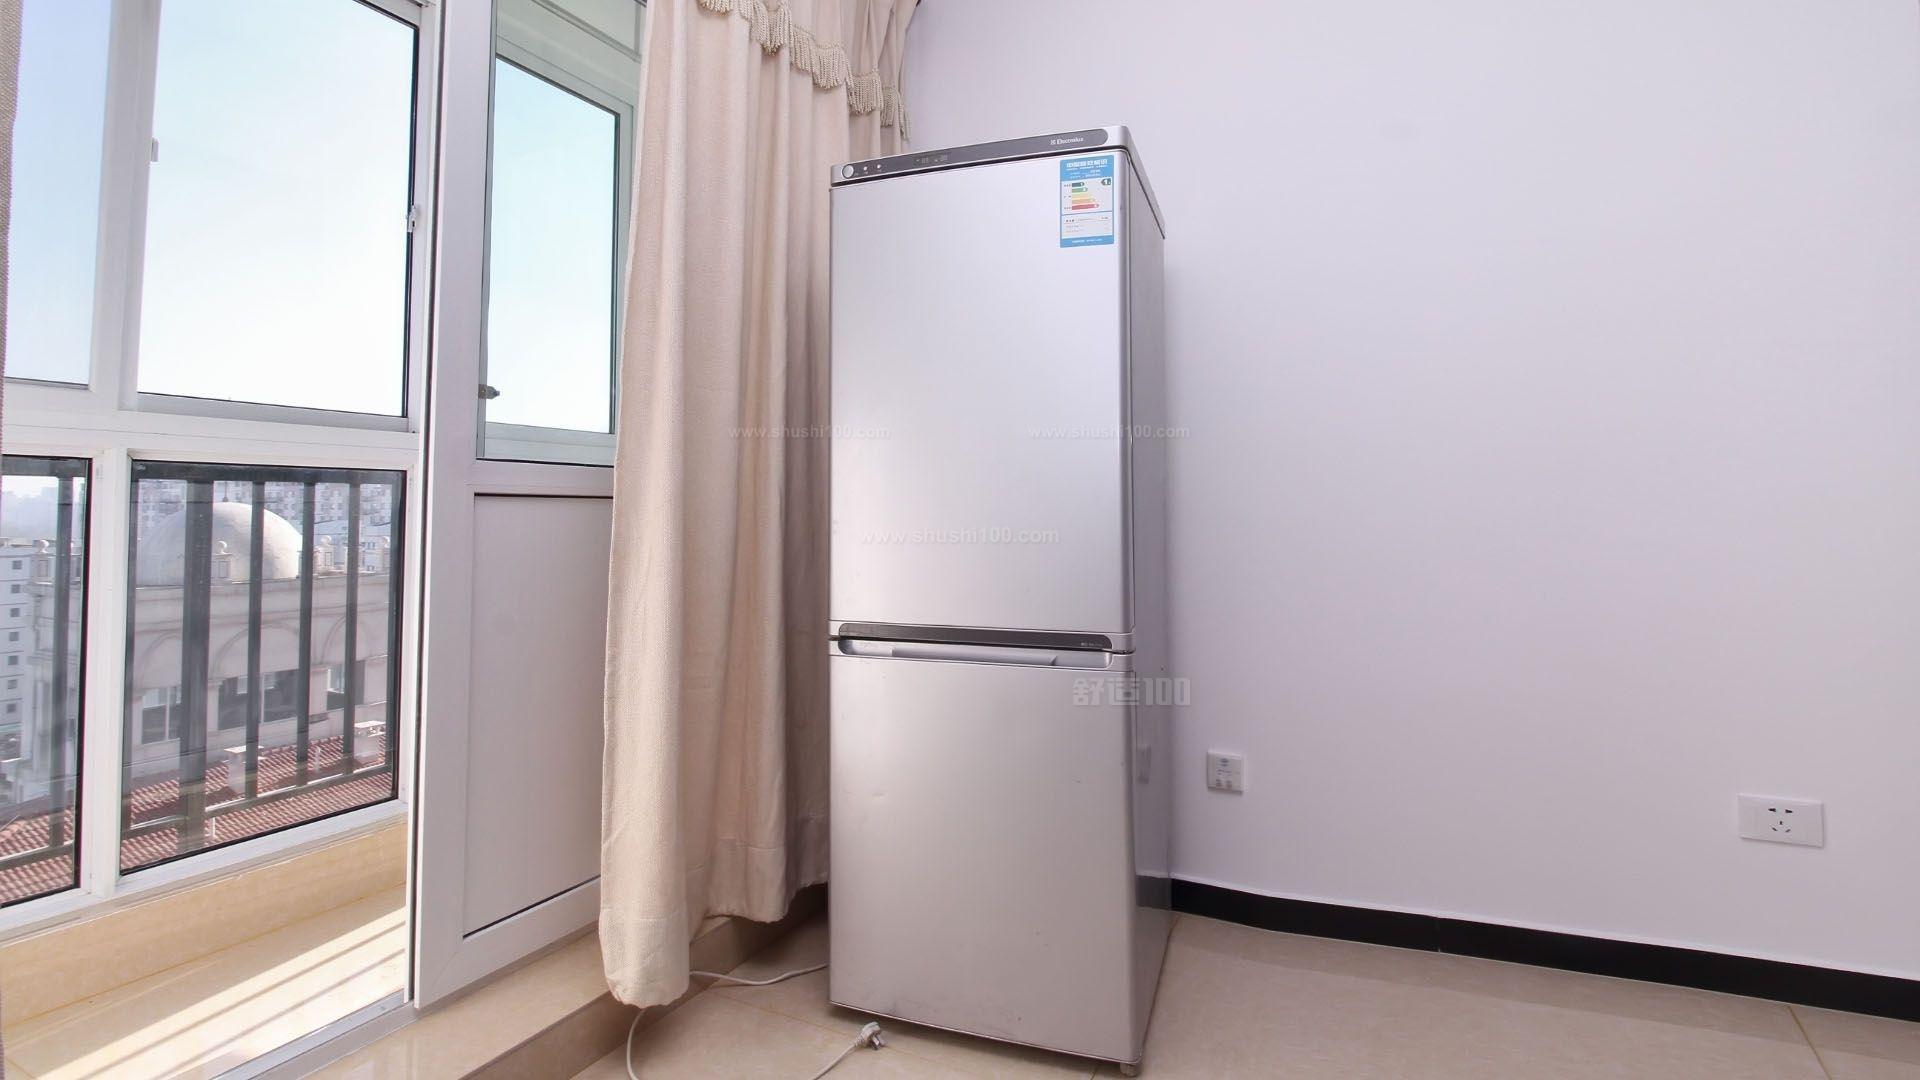 榮事達冰箱